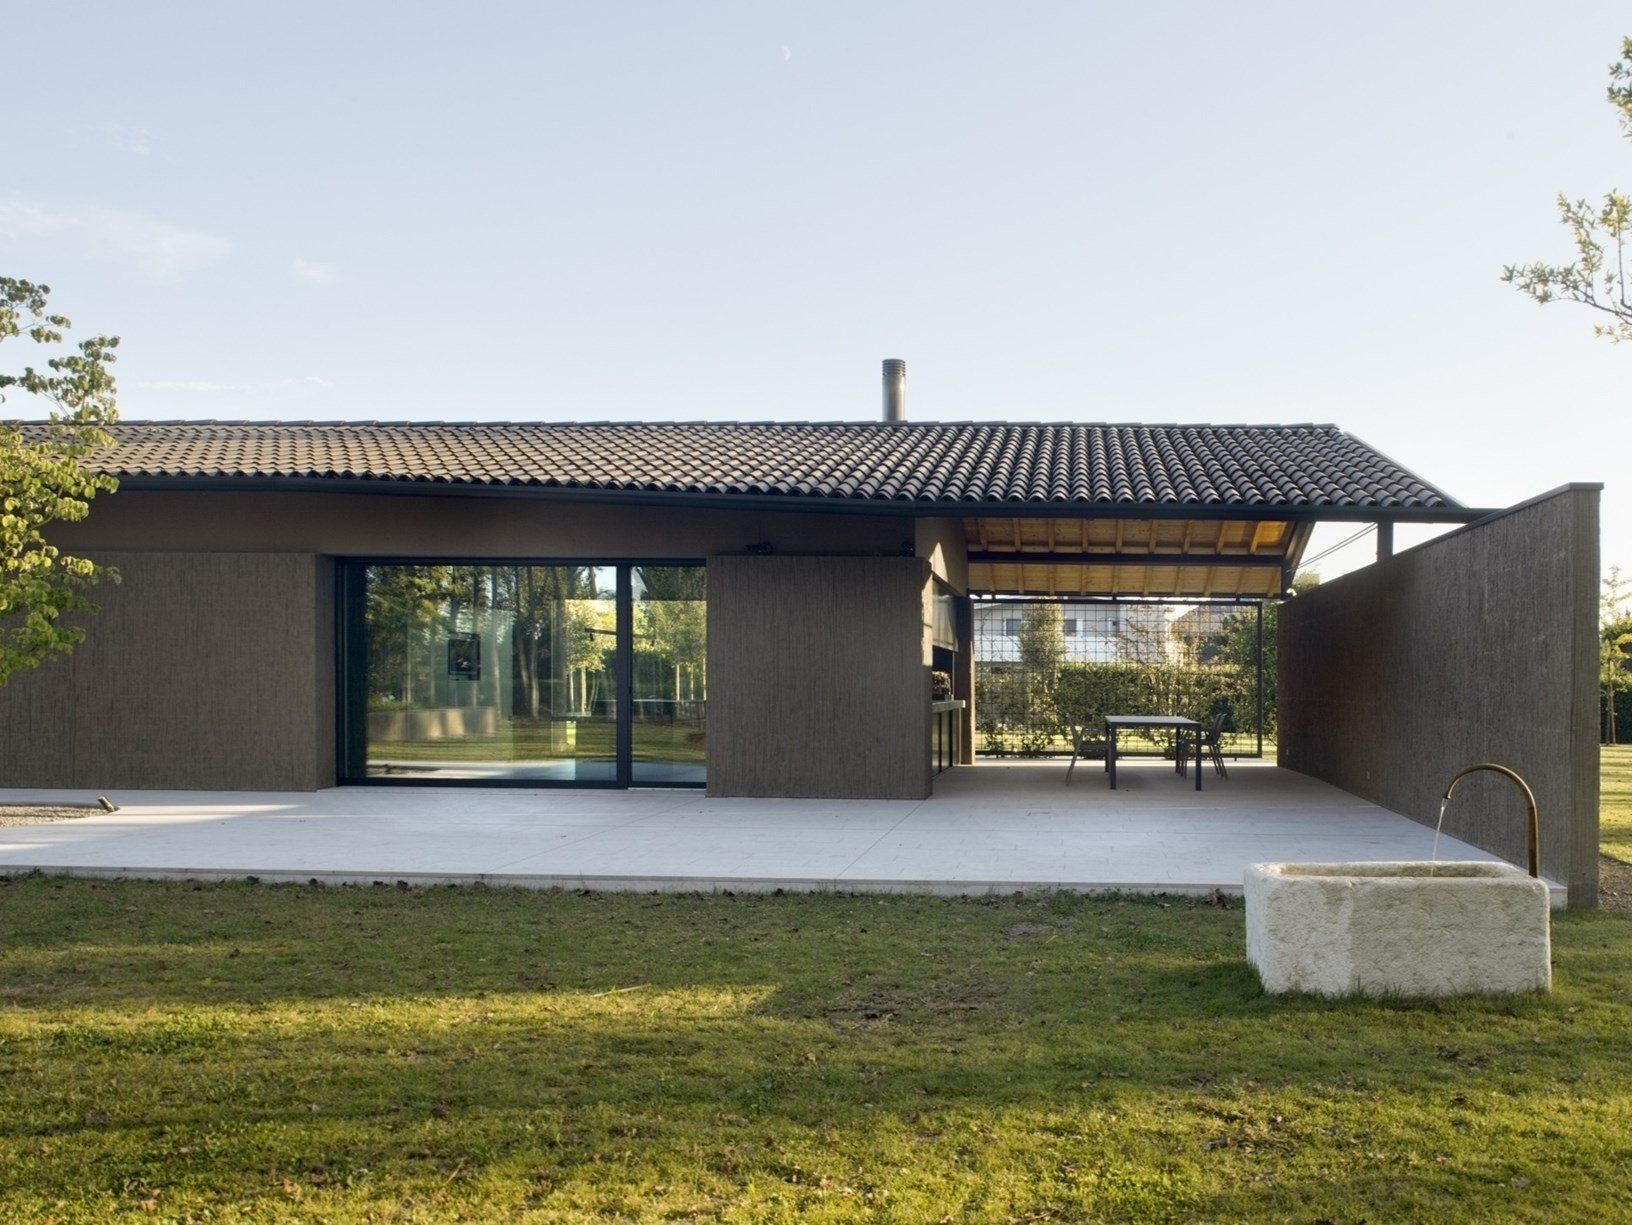 Una rilettura contemporanea degli edifici rurali